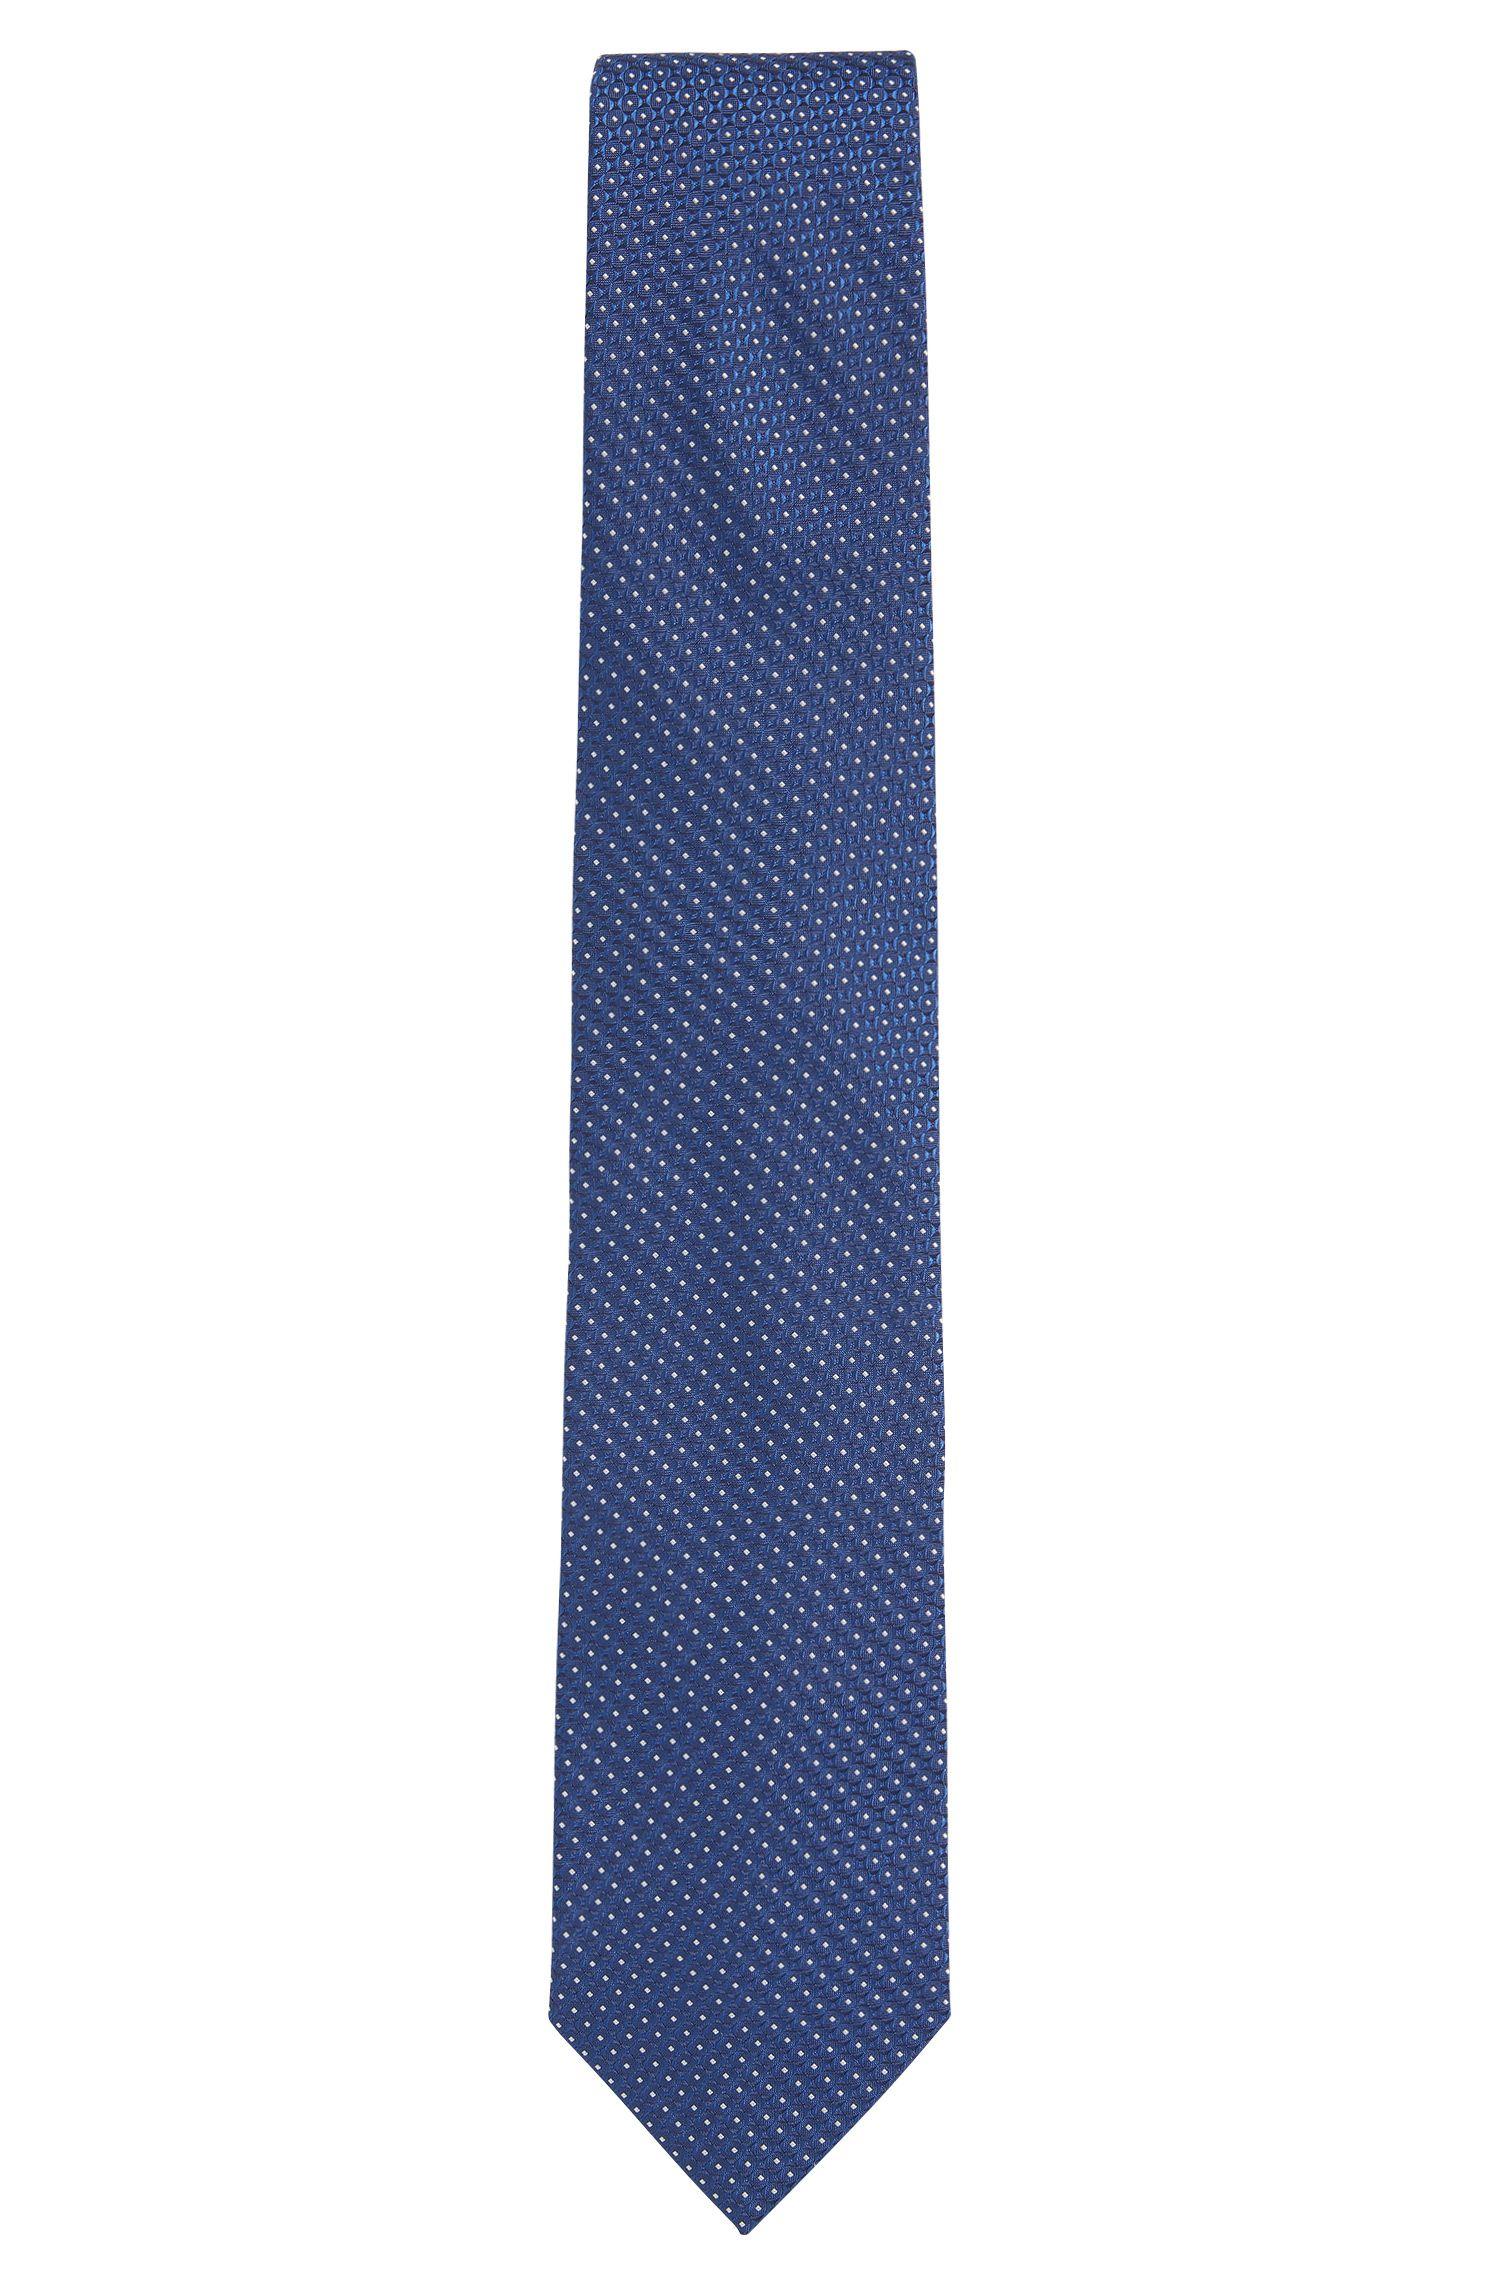 Cravate en jacquard de soie avec motif confectionnée en Italie